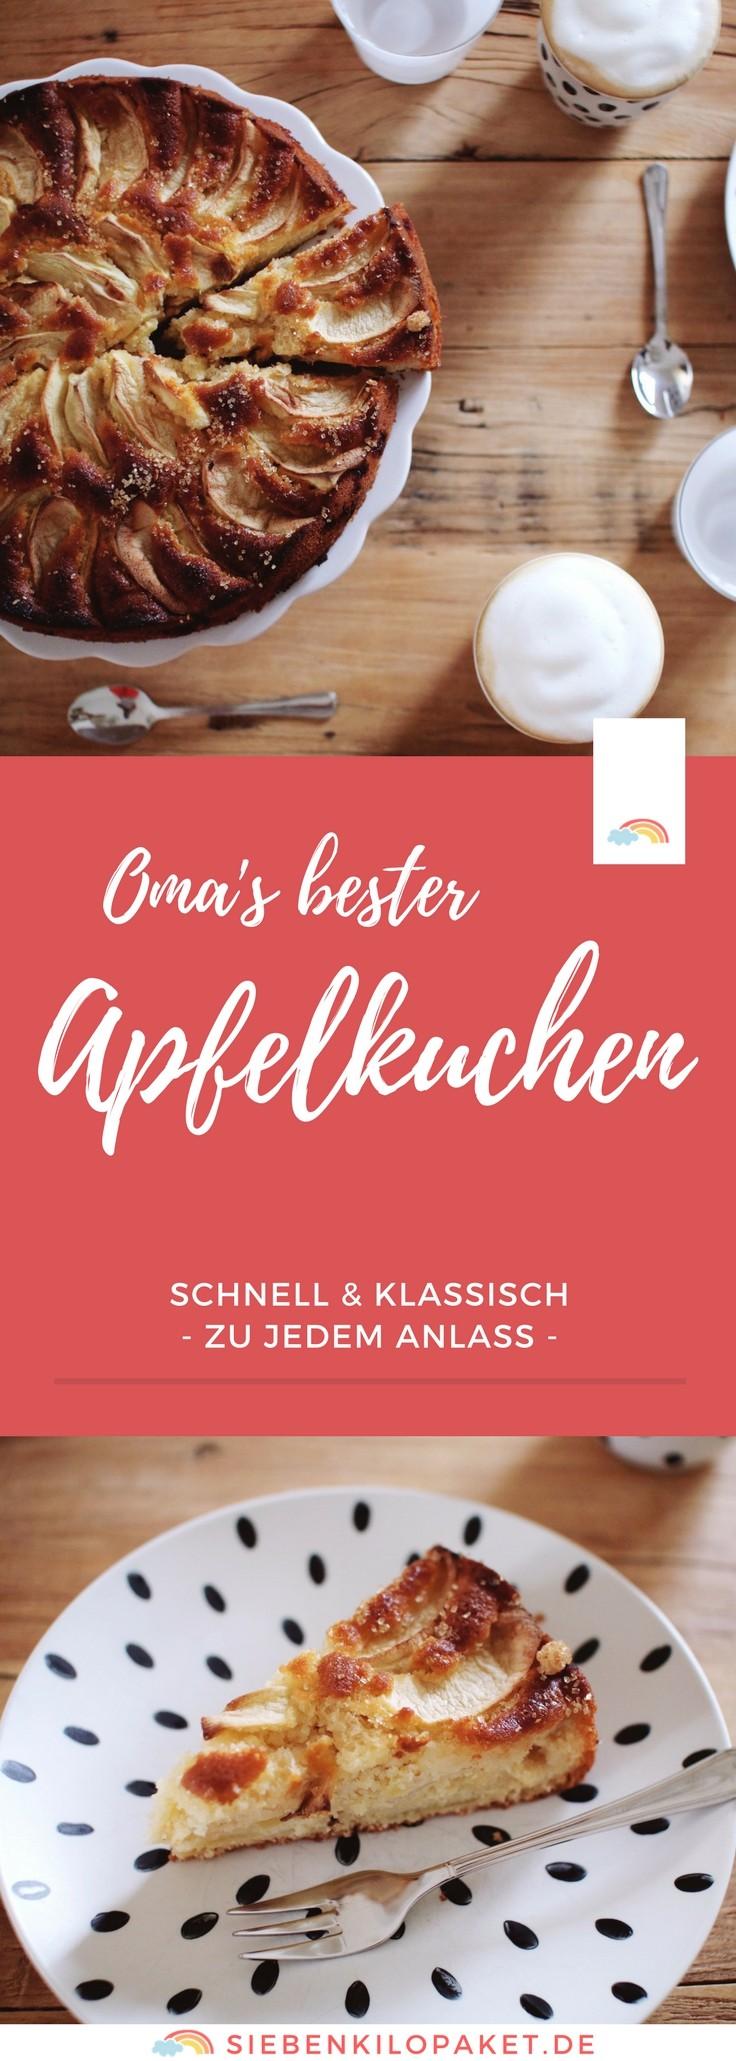 Omas Apfelkuchen: ein Rezept zum Verlieben! Schnell und einfach gemacht - passend zu jedem Anlass! #Apfelkuchen #Rezept #Backen #Kuchen